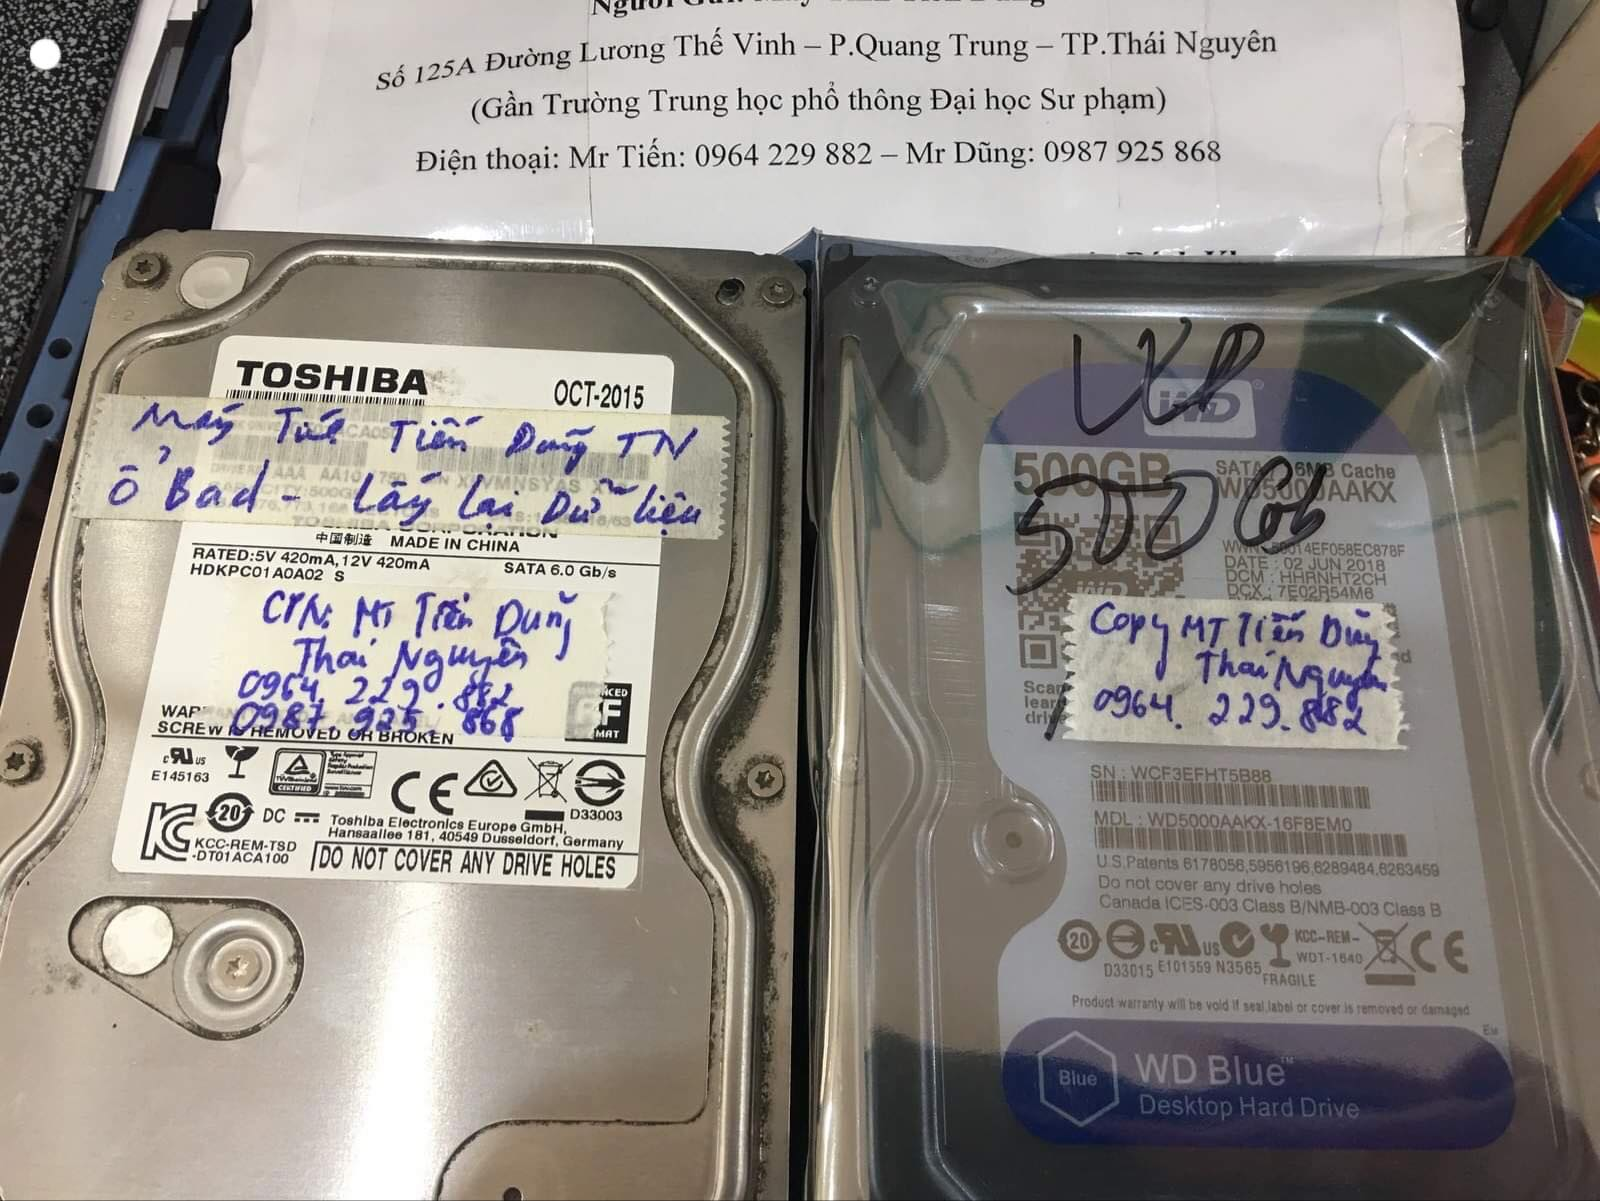 Cứu dữ liệu ổ cứng Toshiba 500GB không nhận tại Thái Nguyên 27/02/2020 - cuumaytinh